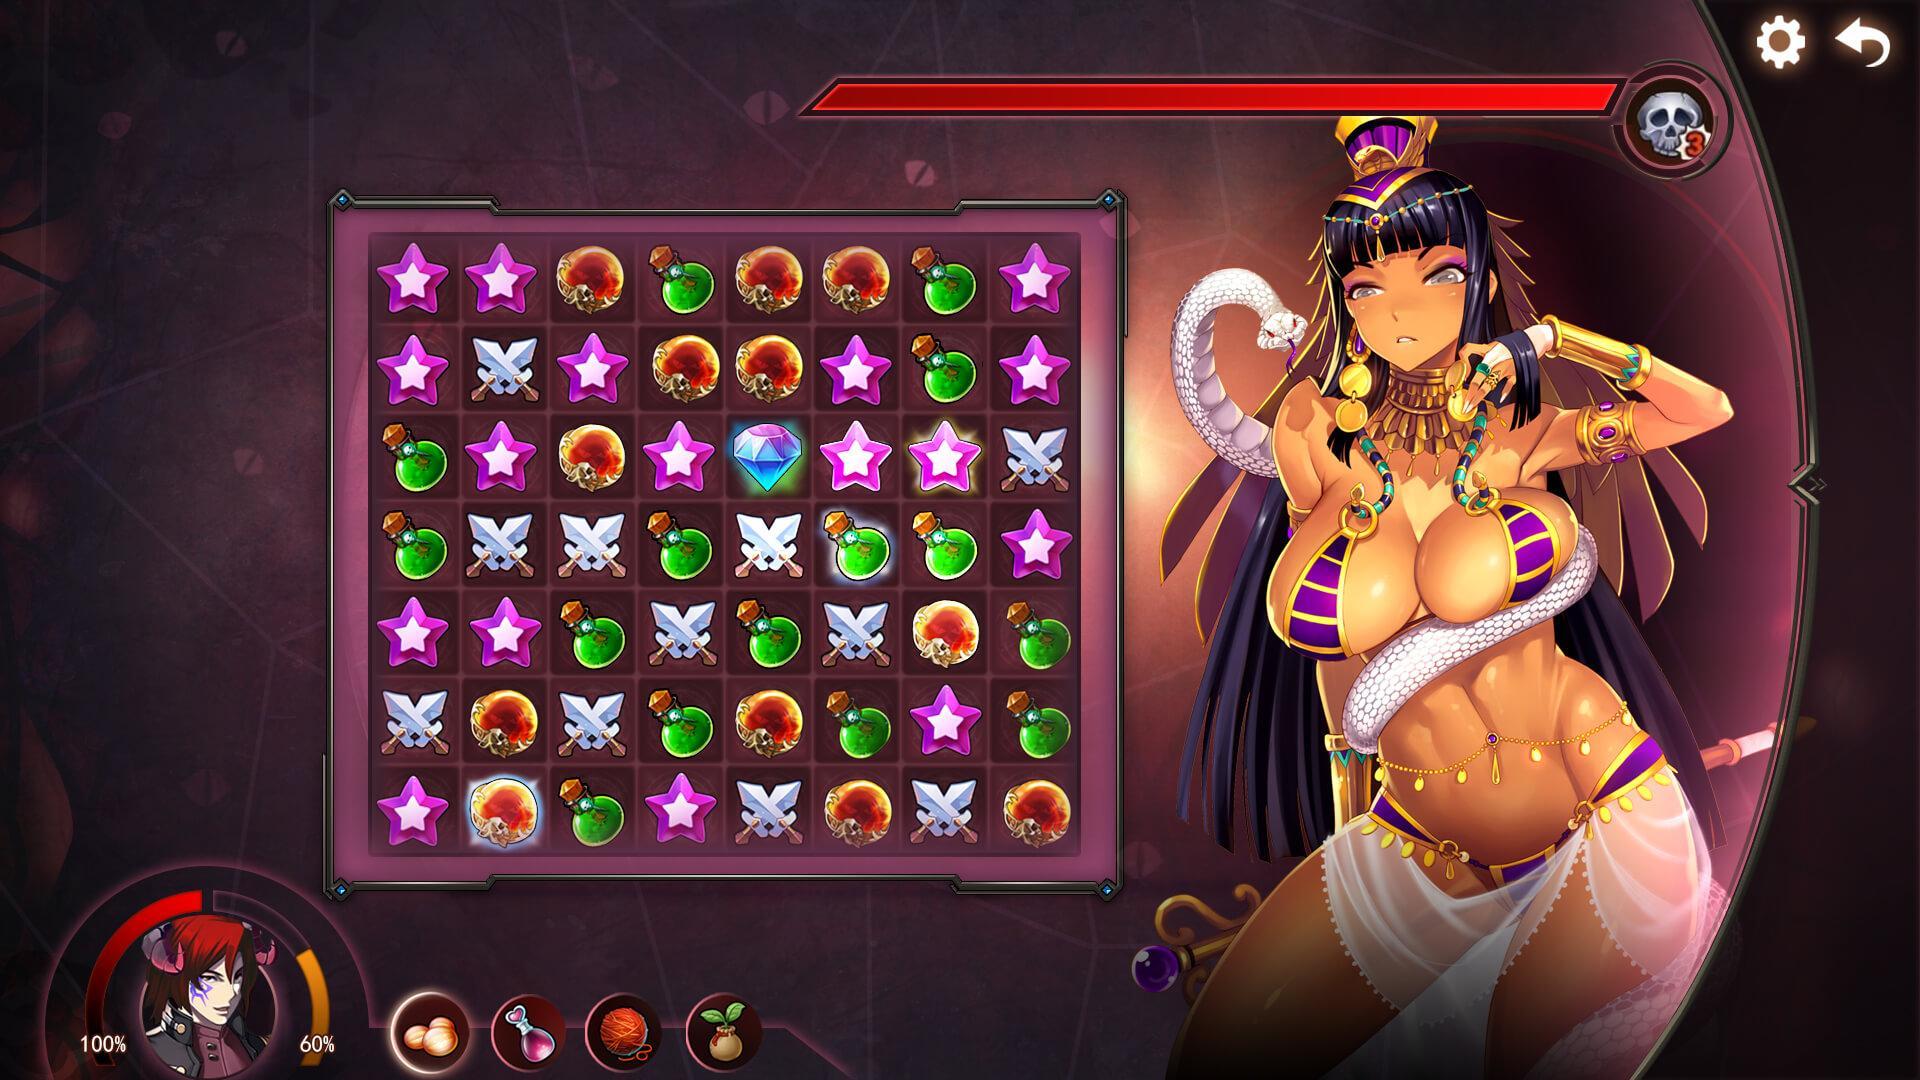 rappelz online nude character patcher actual gameplay